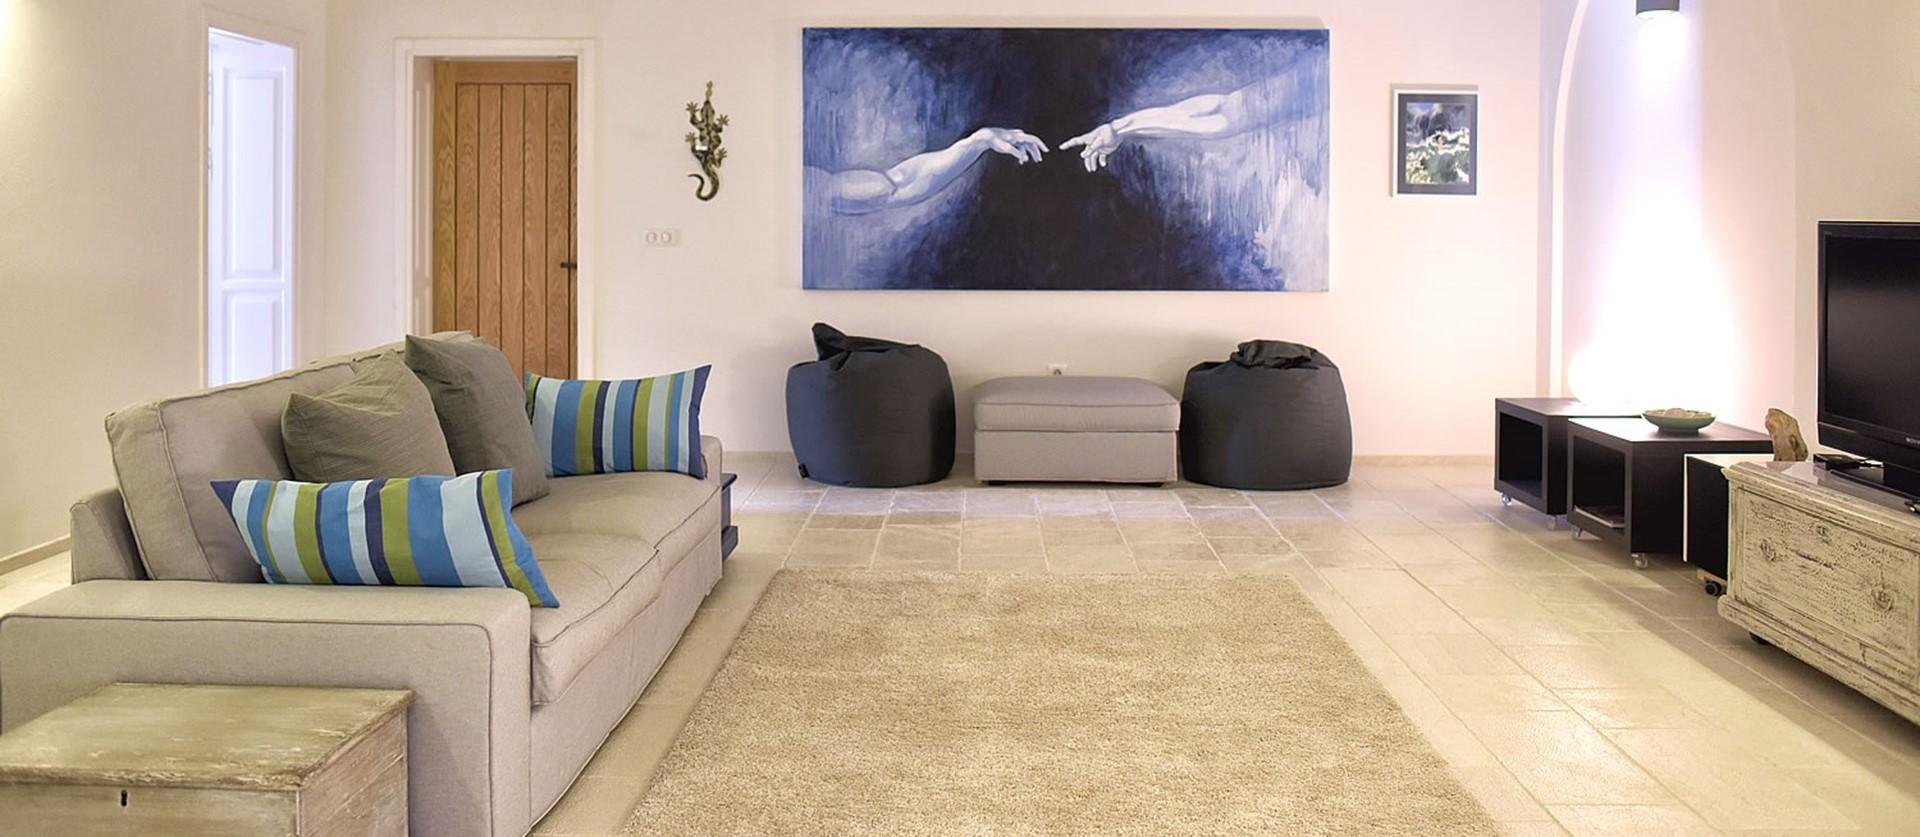 nissaki-house-corfu-media-room